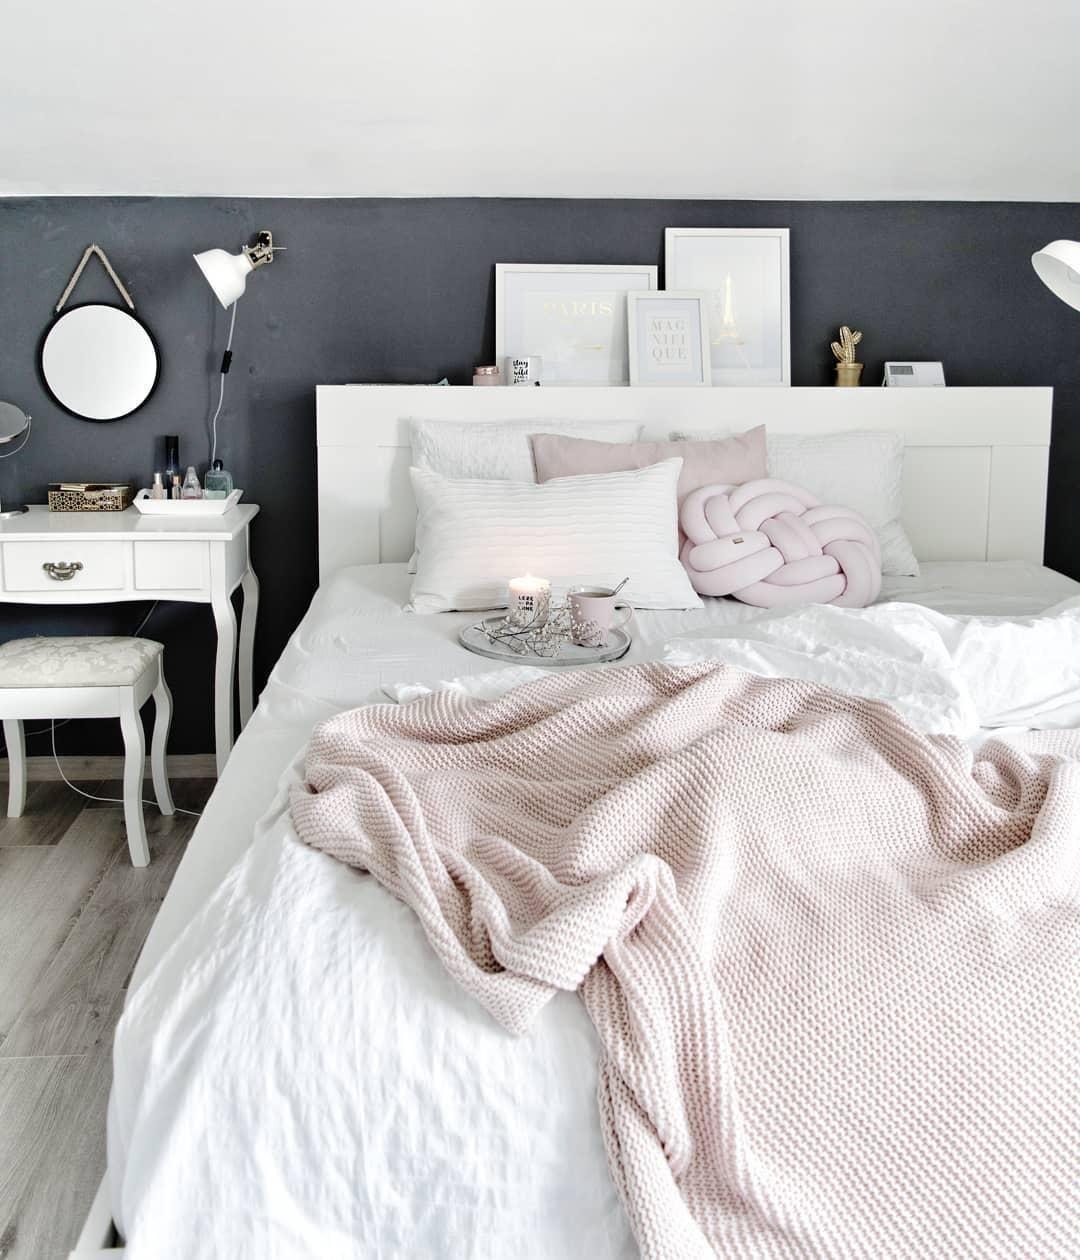 Leinen Tagesdecke Janina Bettwasche Schlafzimmer Schlafzimmer